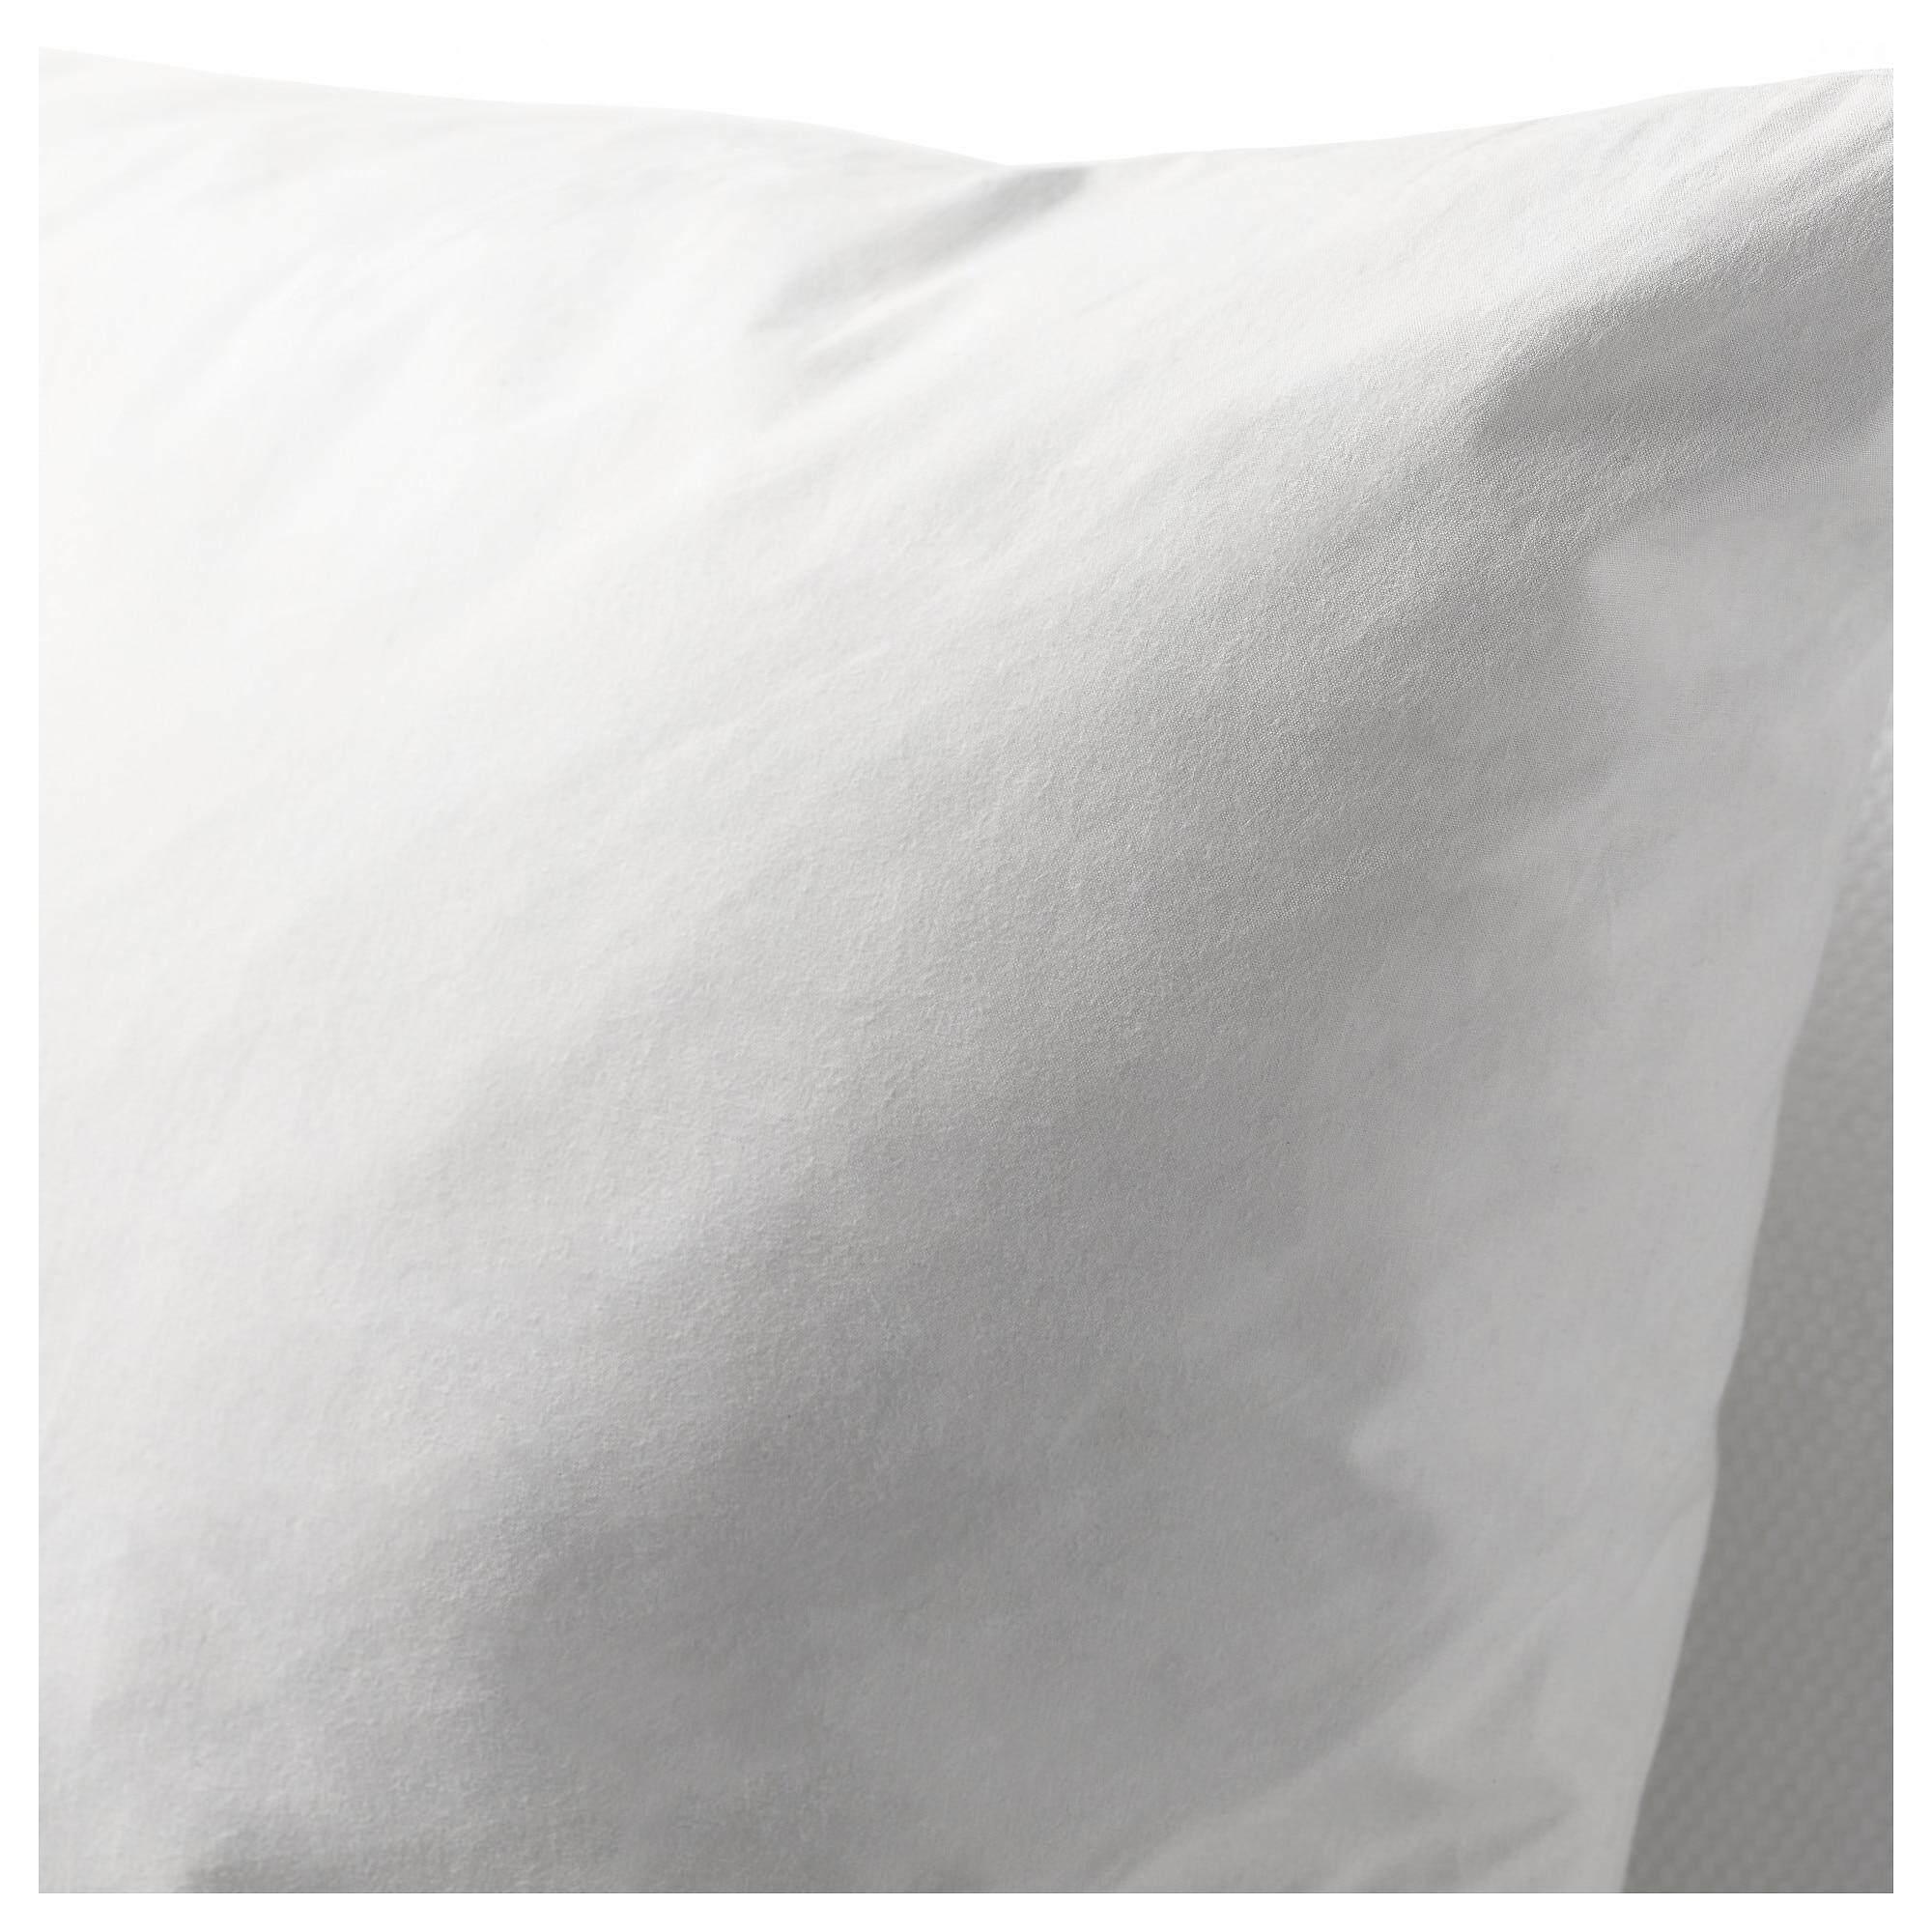 ราคาพิเศษ FjÄdrar ฟแยร์ดรา ไส้หมอนอิง ขาว หมอนขนเป็ด (ขนปีก) ฟูนุ่มและยืดหยุ่น คืนรูปได้ดีหมอนอิงใบใหญ่ รองรับสรีระได้เต็มที่ จาก Ikea.